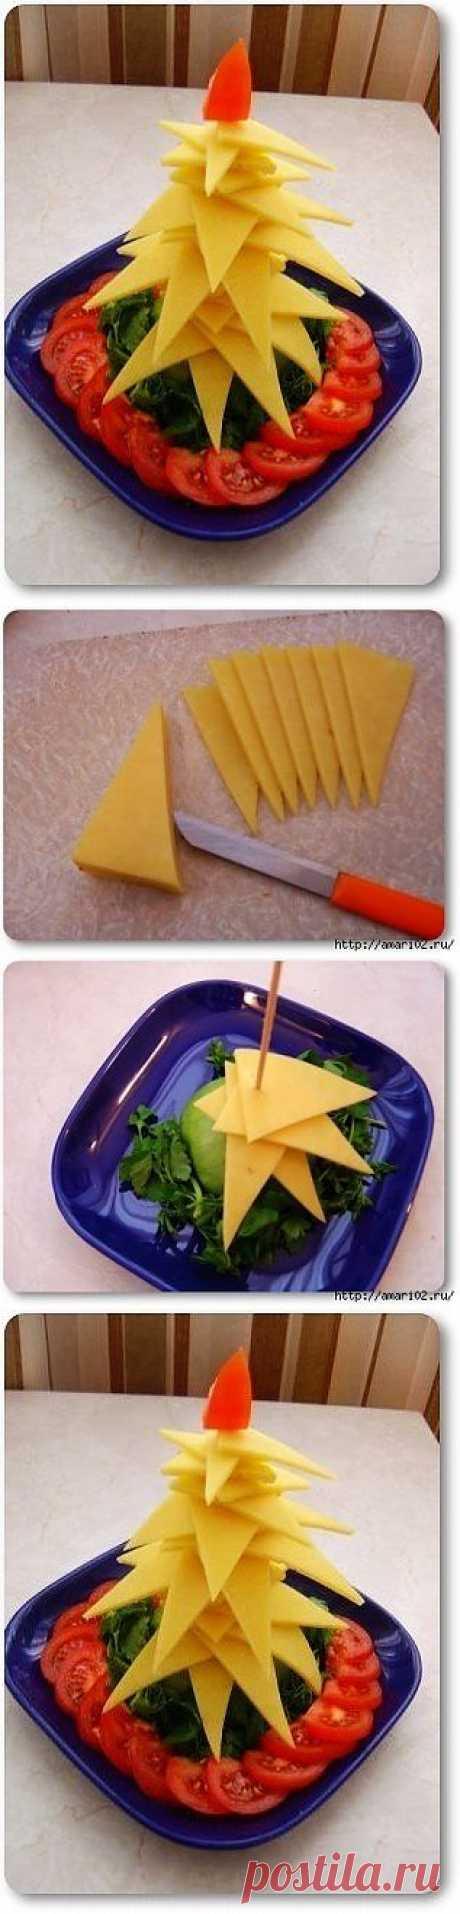 Сырная ёлочка на праздничный стол..